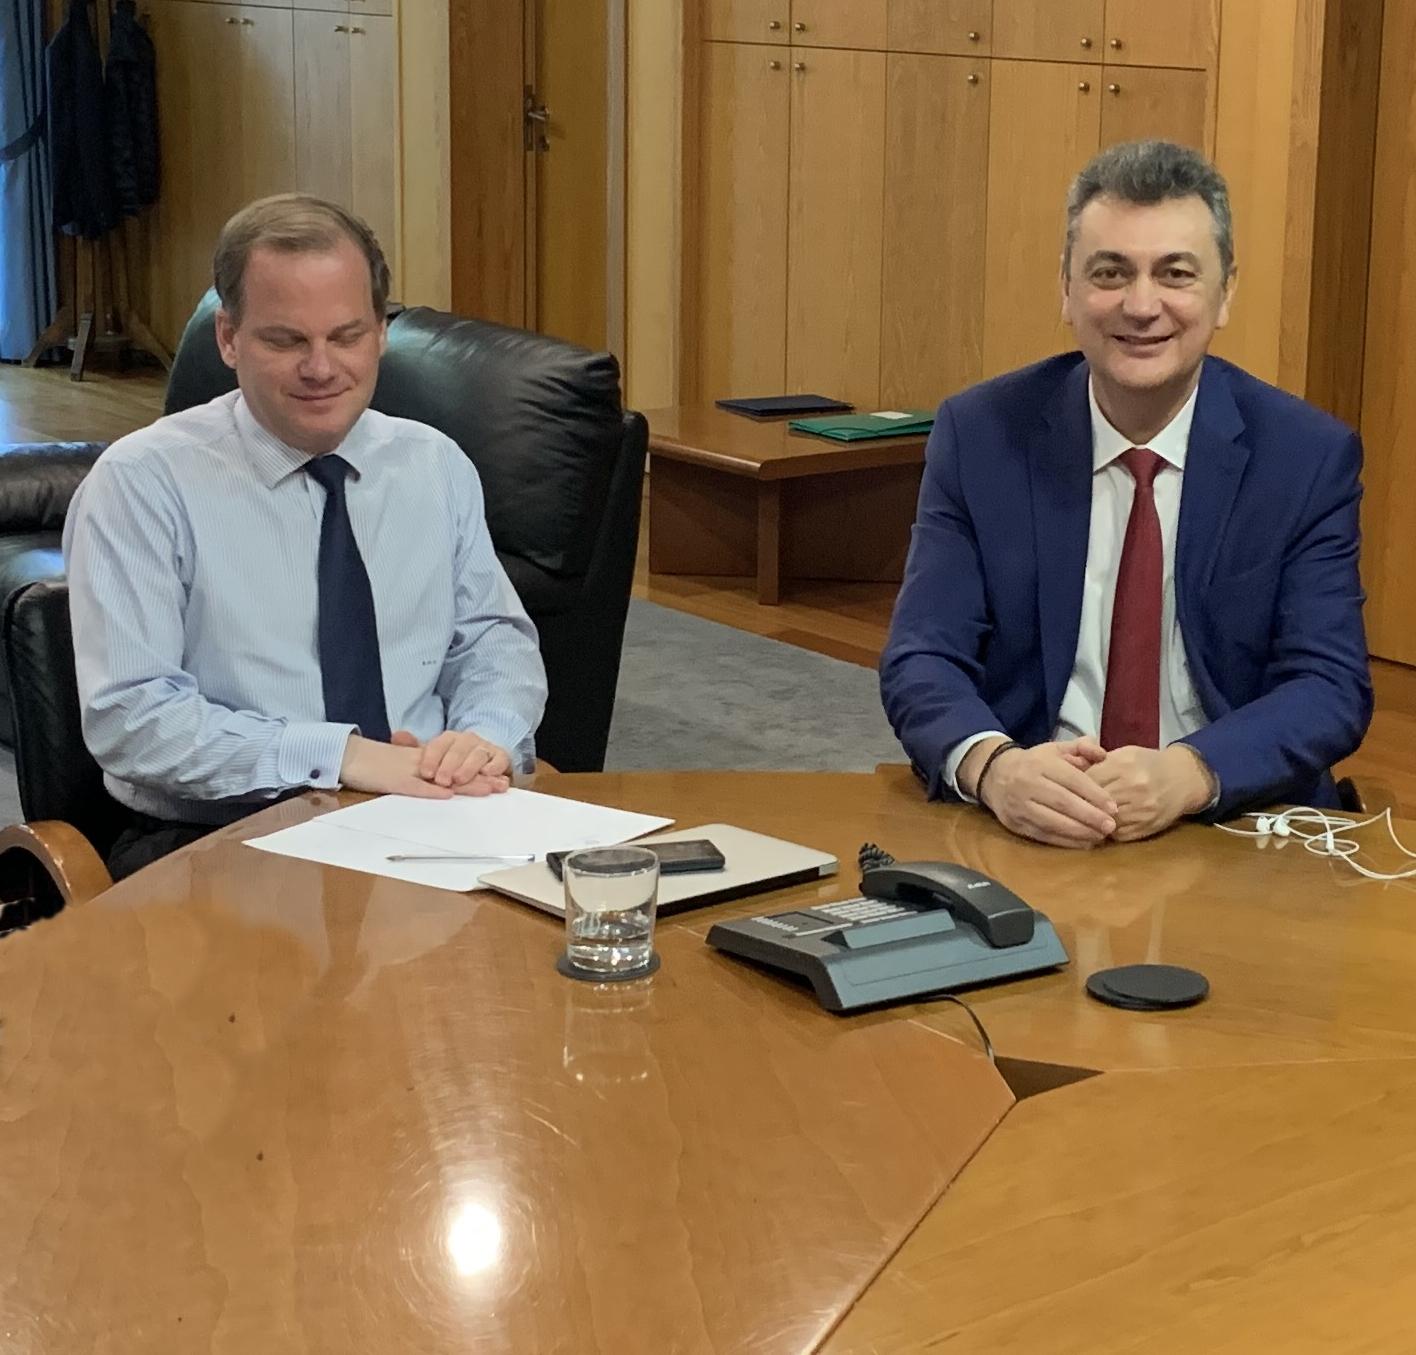 Μετά από συνεργασία του Γιώργου Κωτσού με την ηγεσία του Υπ. Υποδομών & Μεταφορών